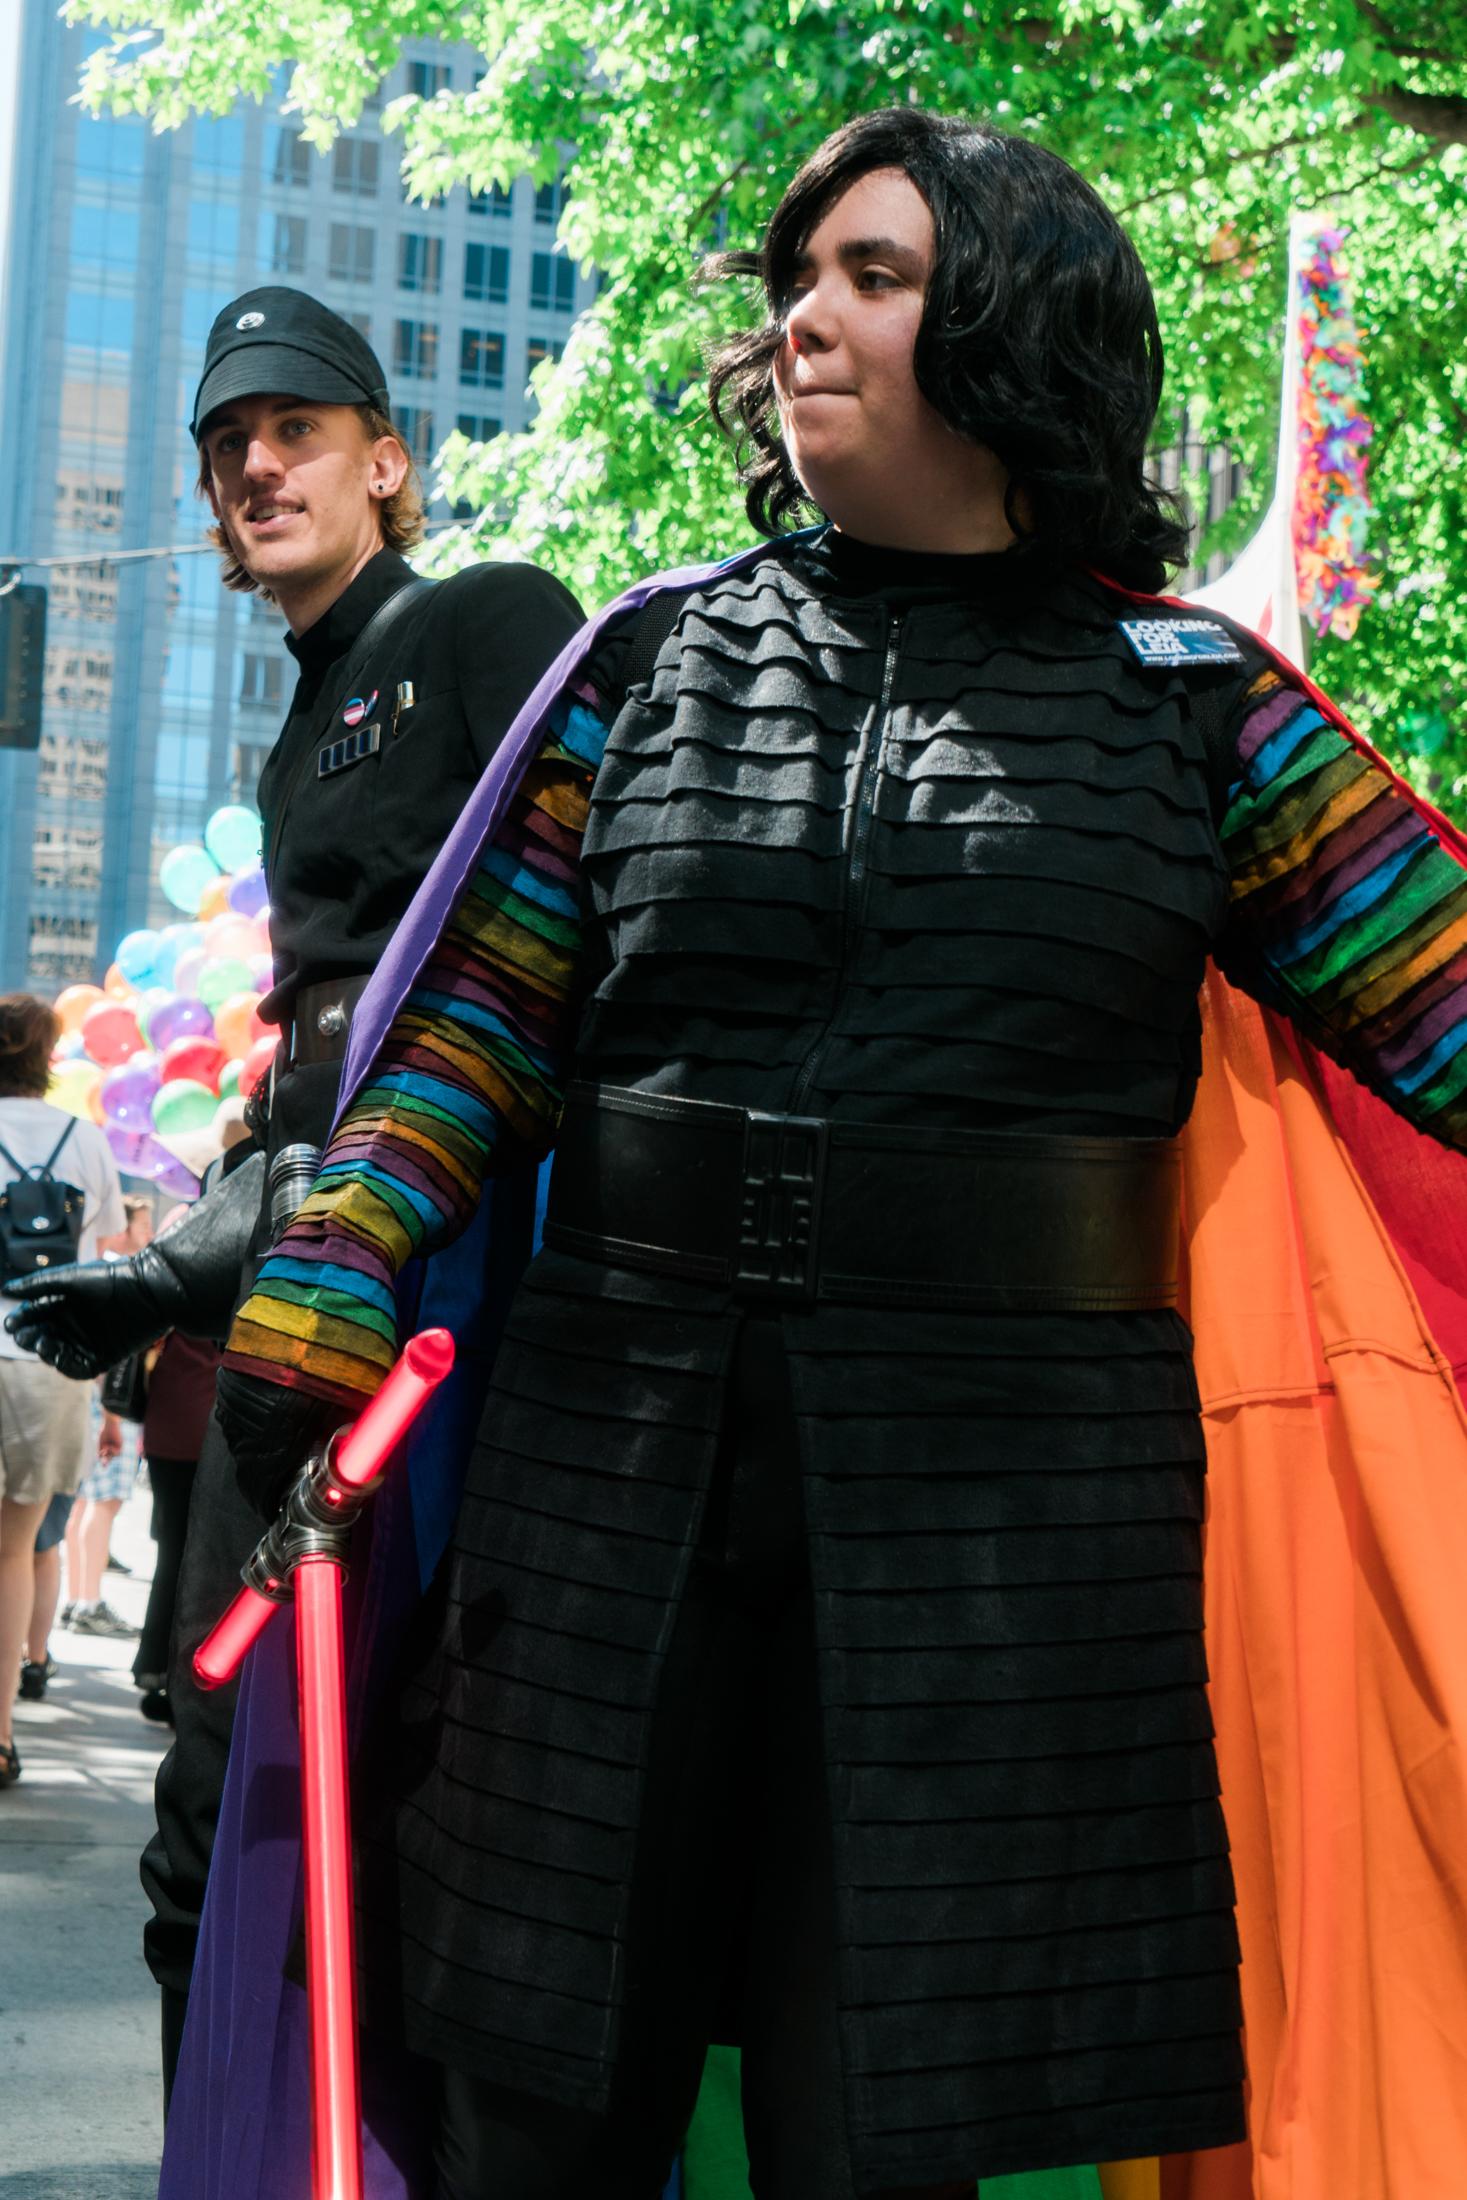 Seattle Pride Parade 2017 w Star Wars 501st Garrison Titan-08547.jpg